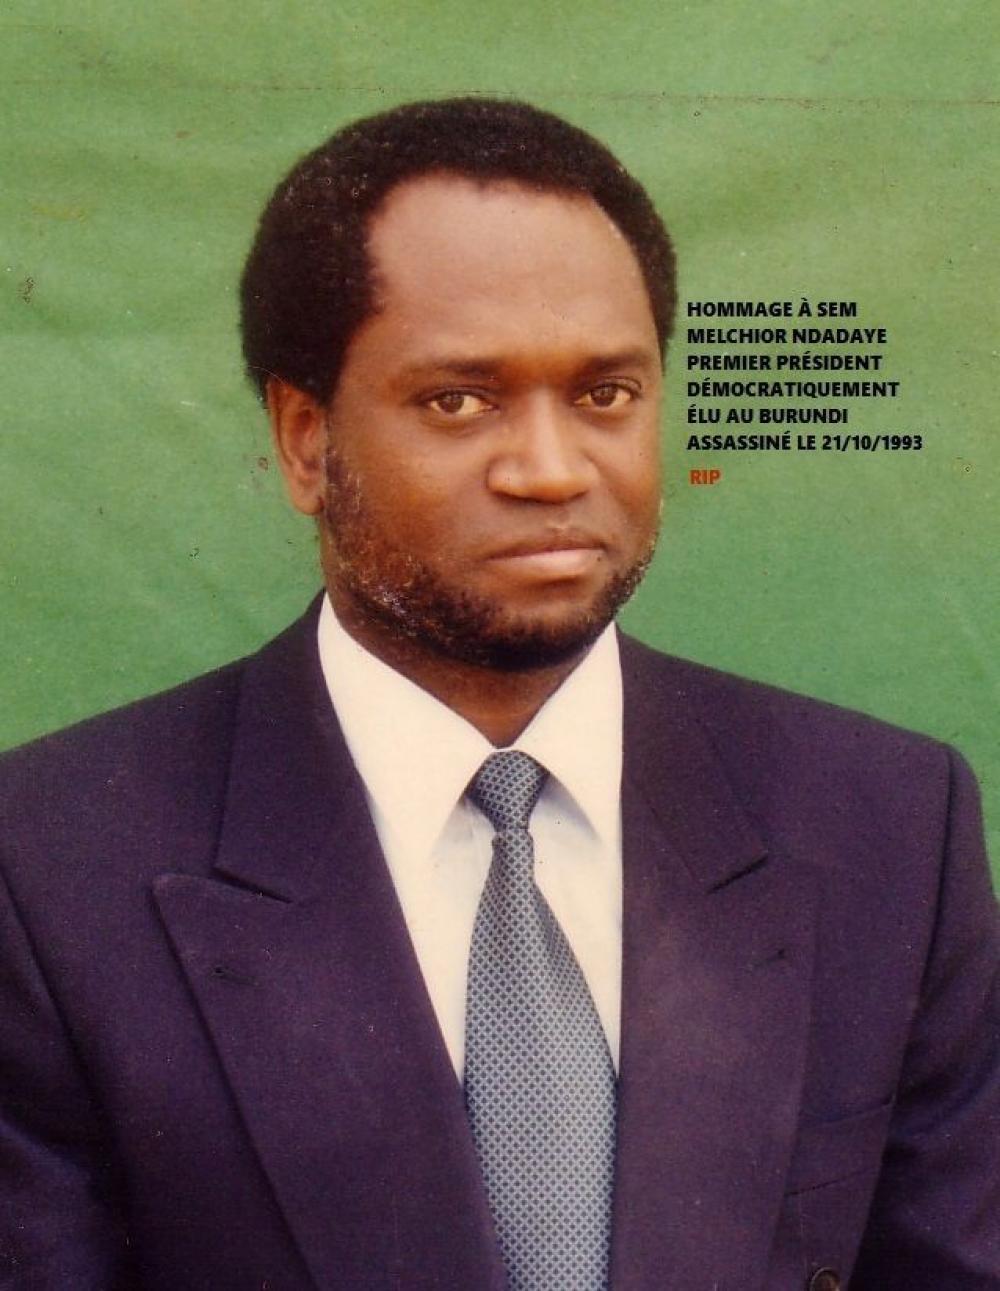 President Melchior Ndadaye